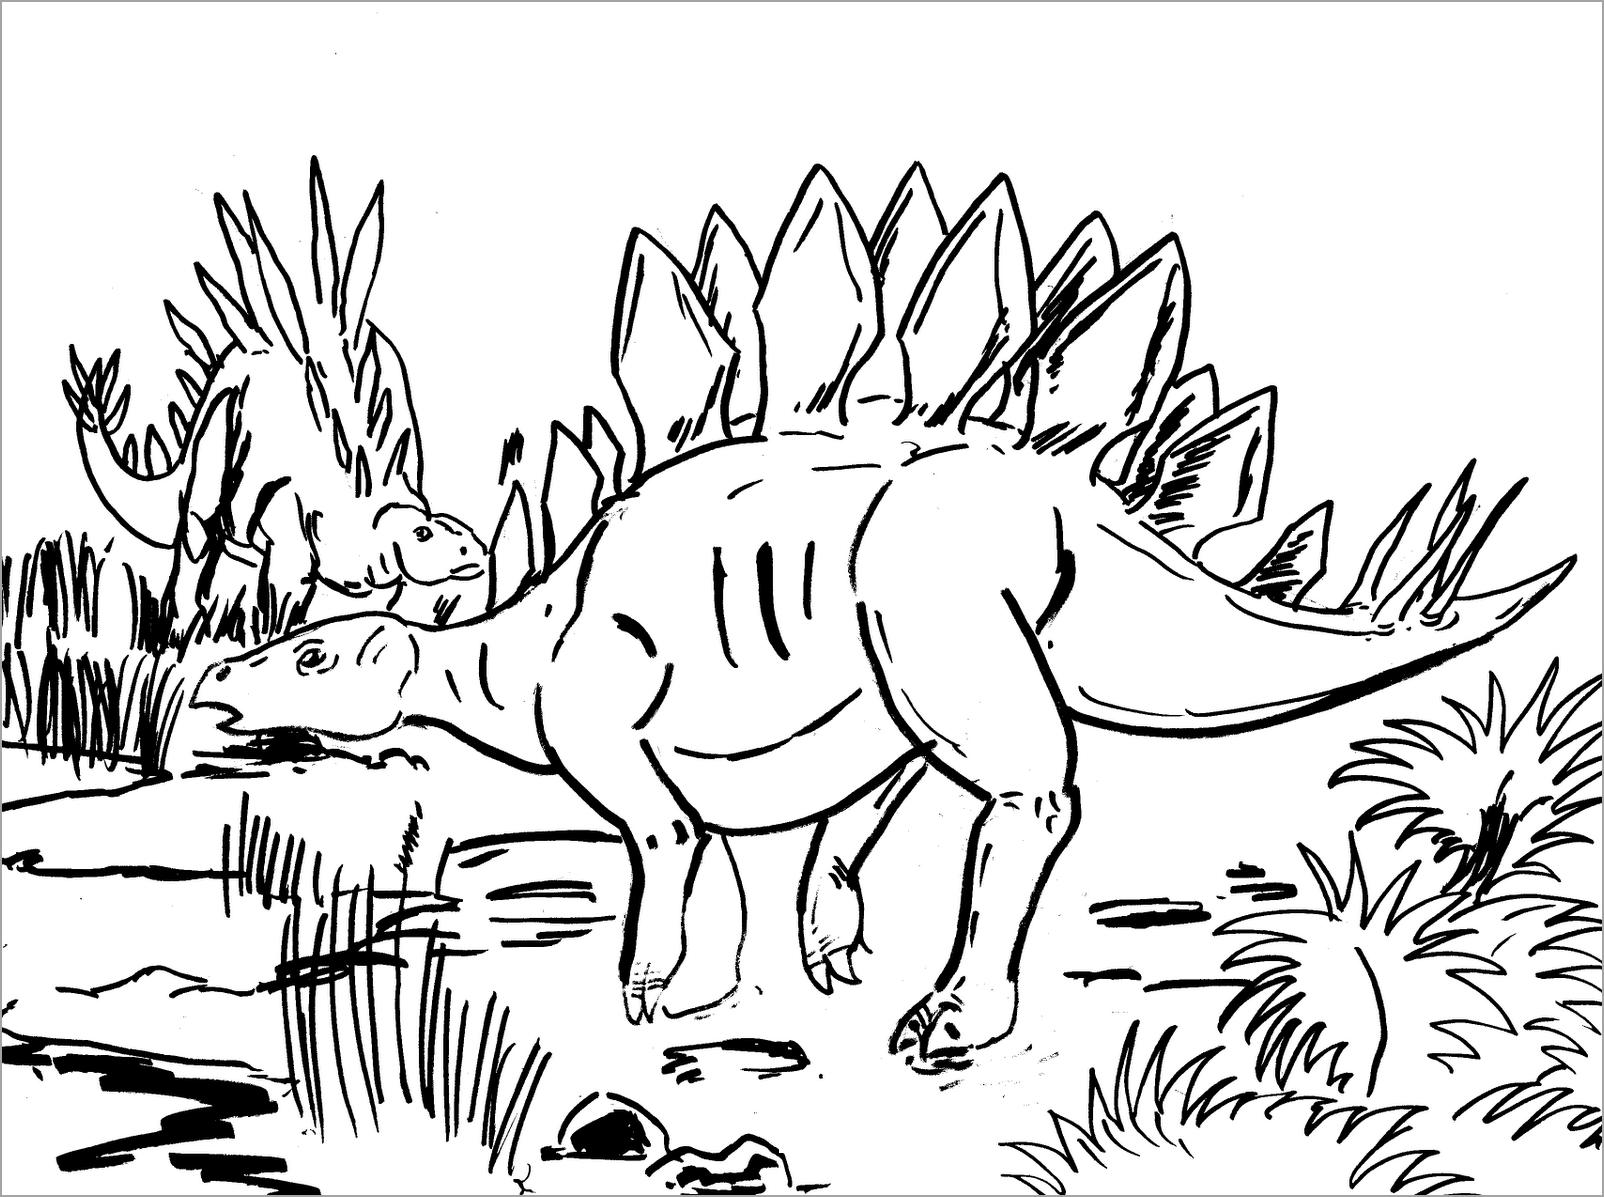 Tranh tô màu khủng long cho bé 5 tuổi